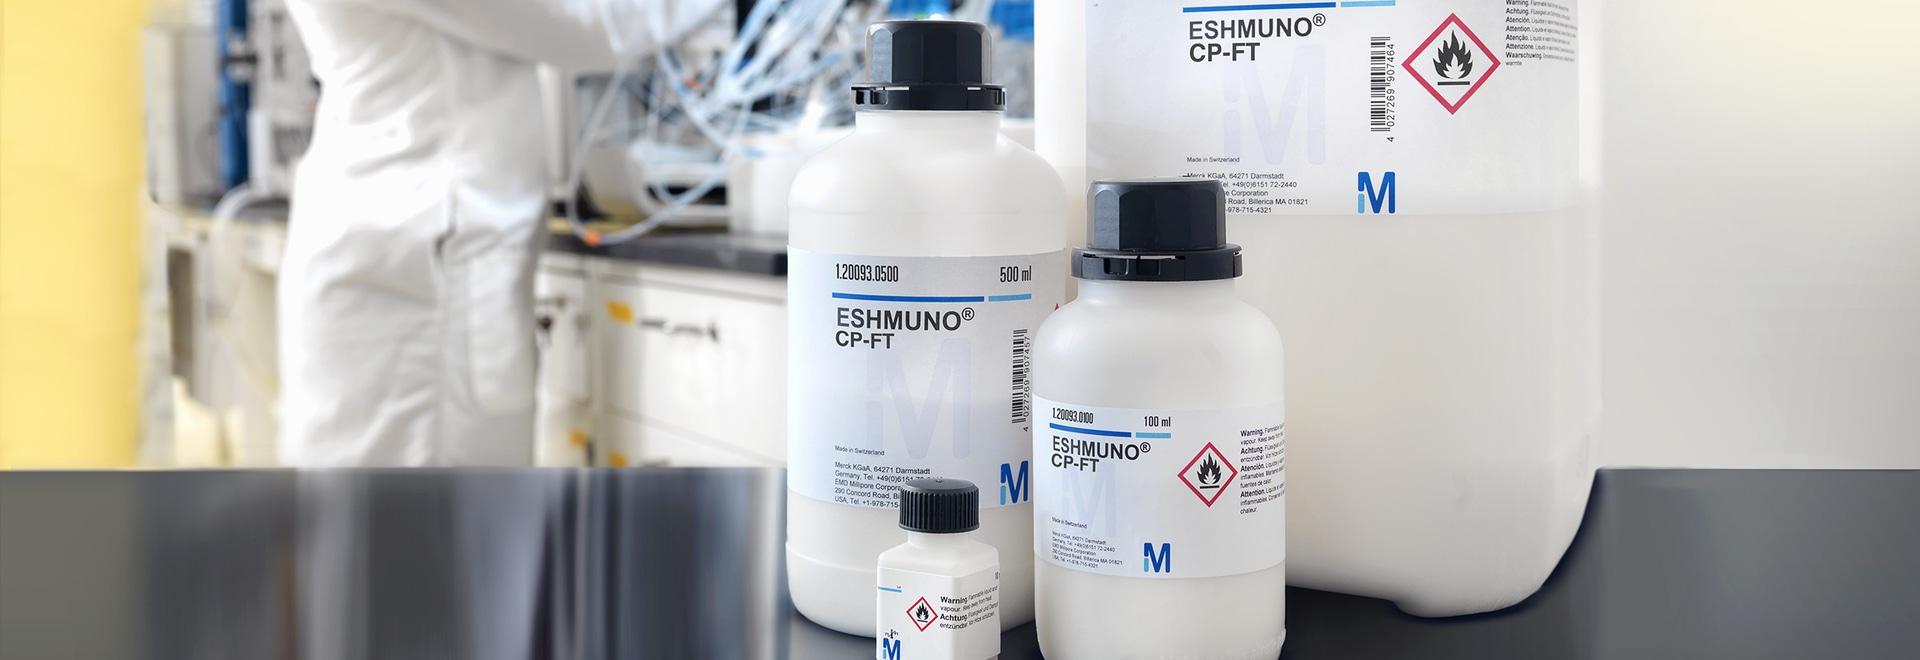 La resina de la cromatografía mejora la velocidad, flexibilidad